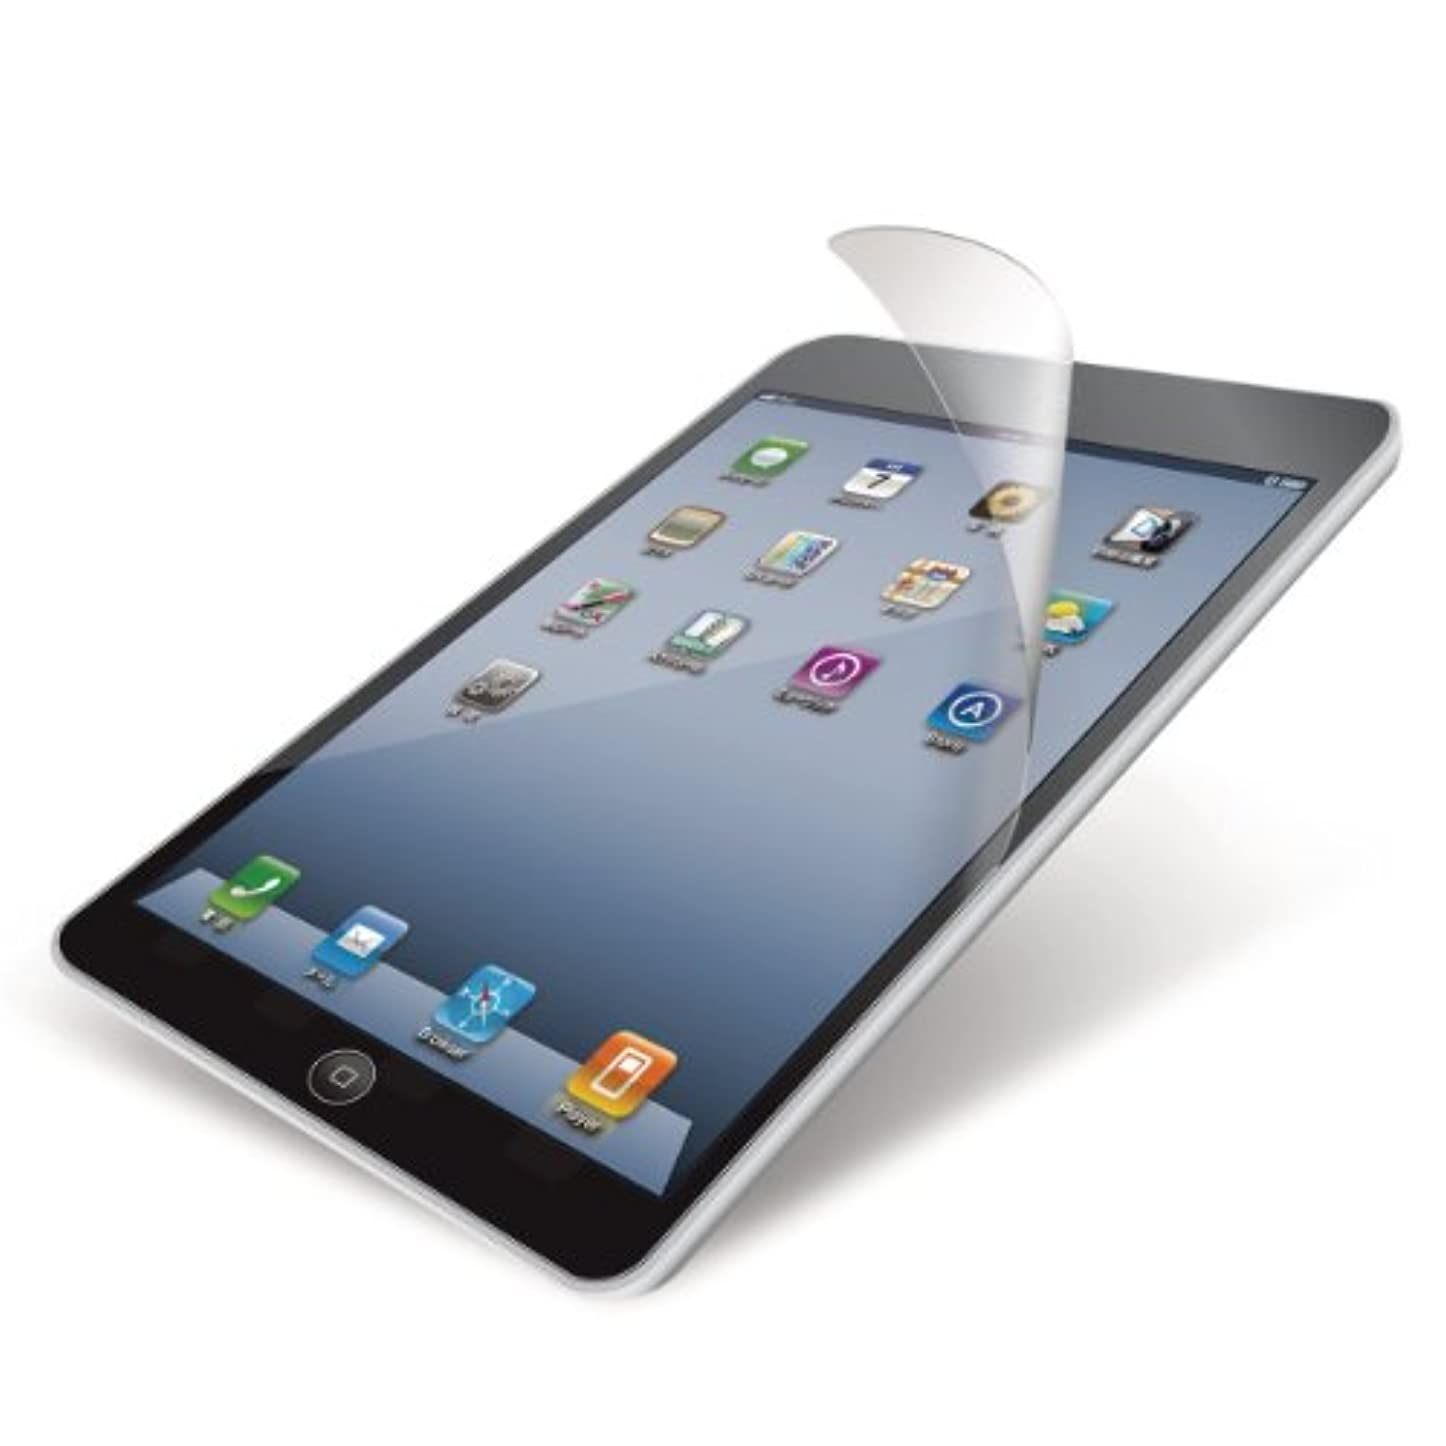 天才ペック飼いならすエレコム 保護フィルム iPad mini3 iPad mini Retina 指紋防止 気泡が目立たなくなるエアーレス加工 反射防止 【日本製】 TB-A12SFLFA